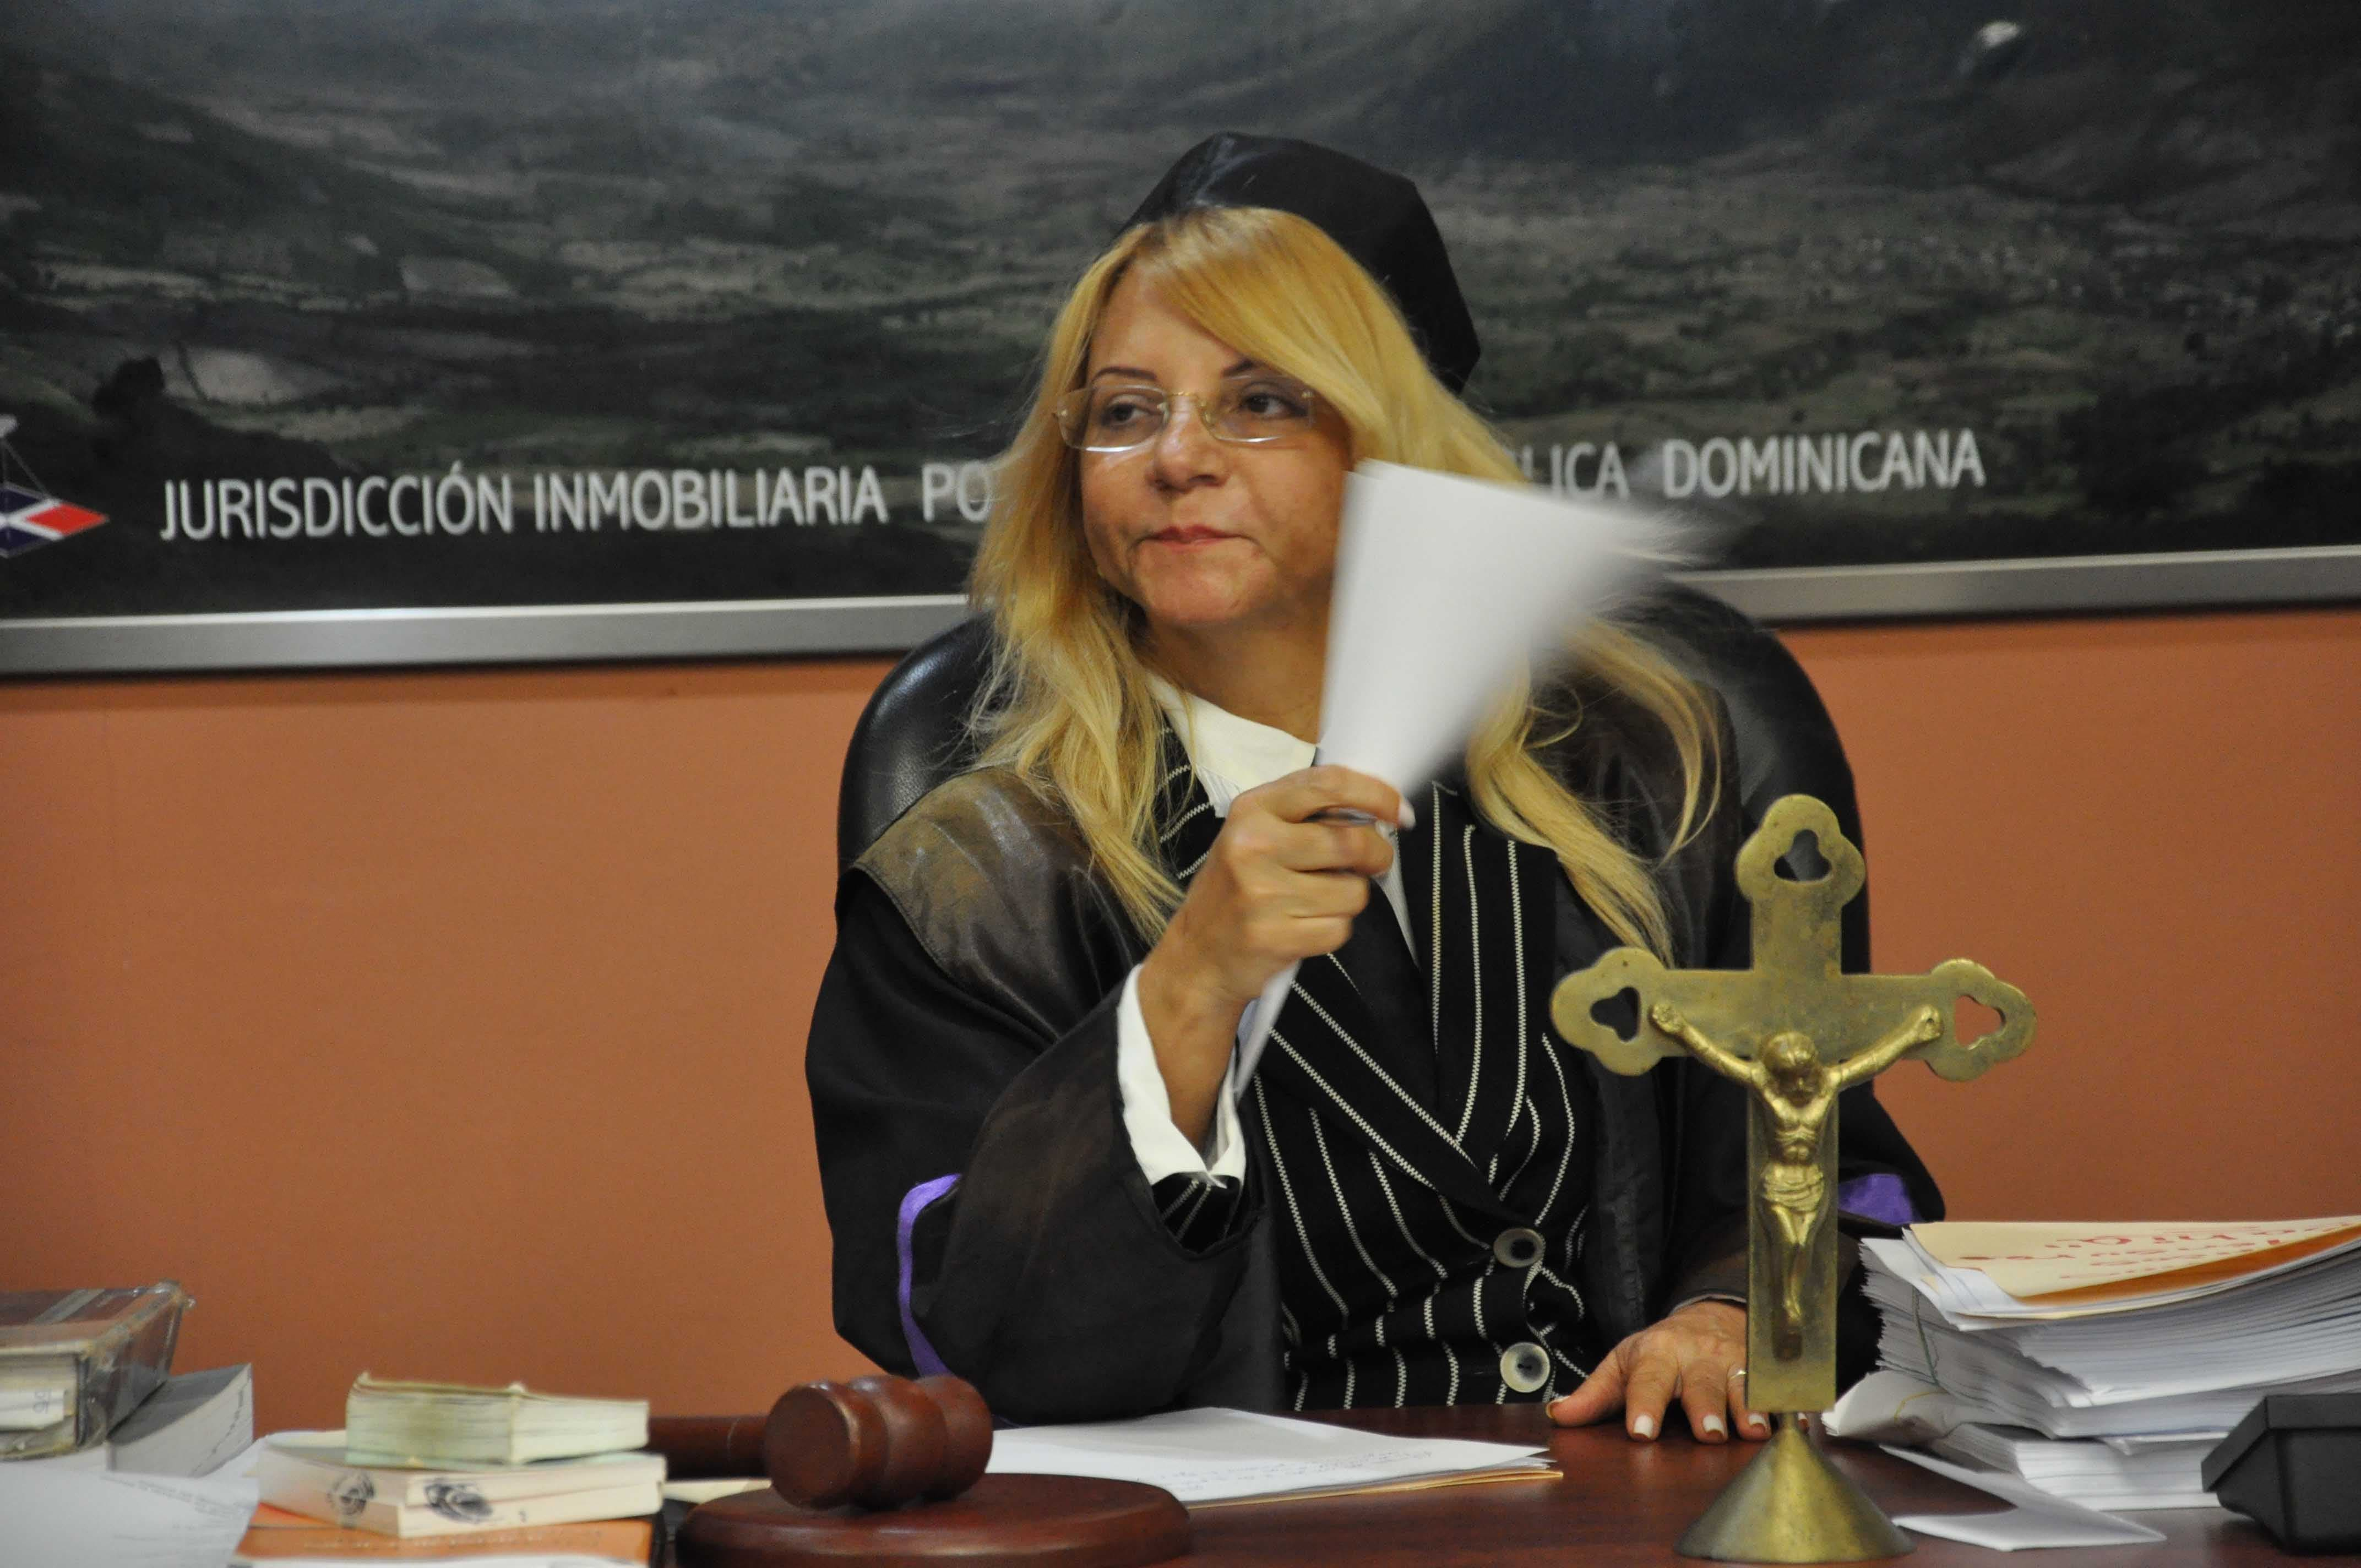 Jueza advierte no permitirá se eternice caso Bahía las Aguilas